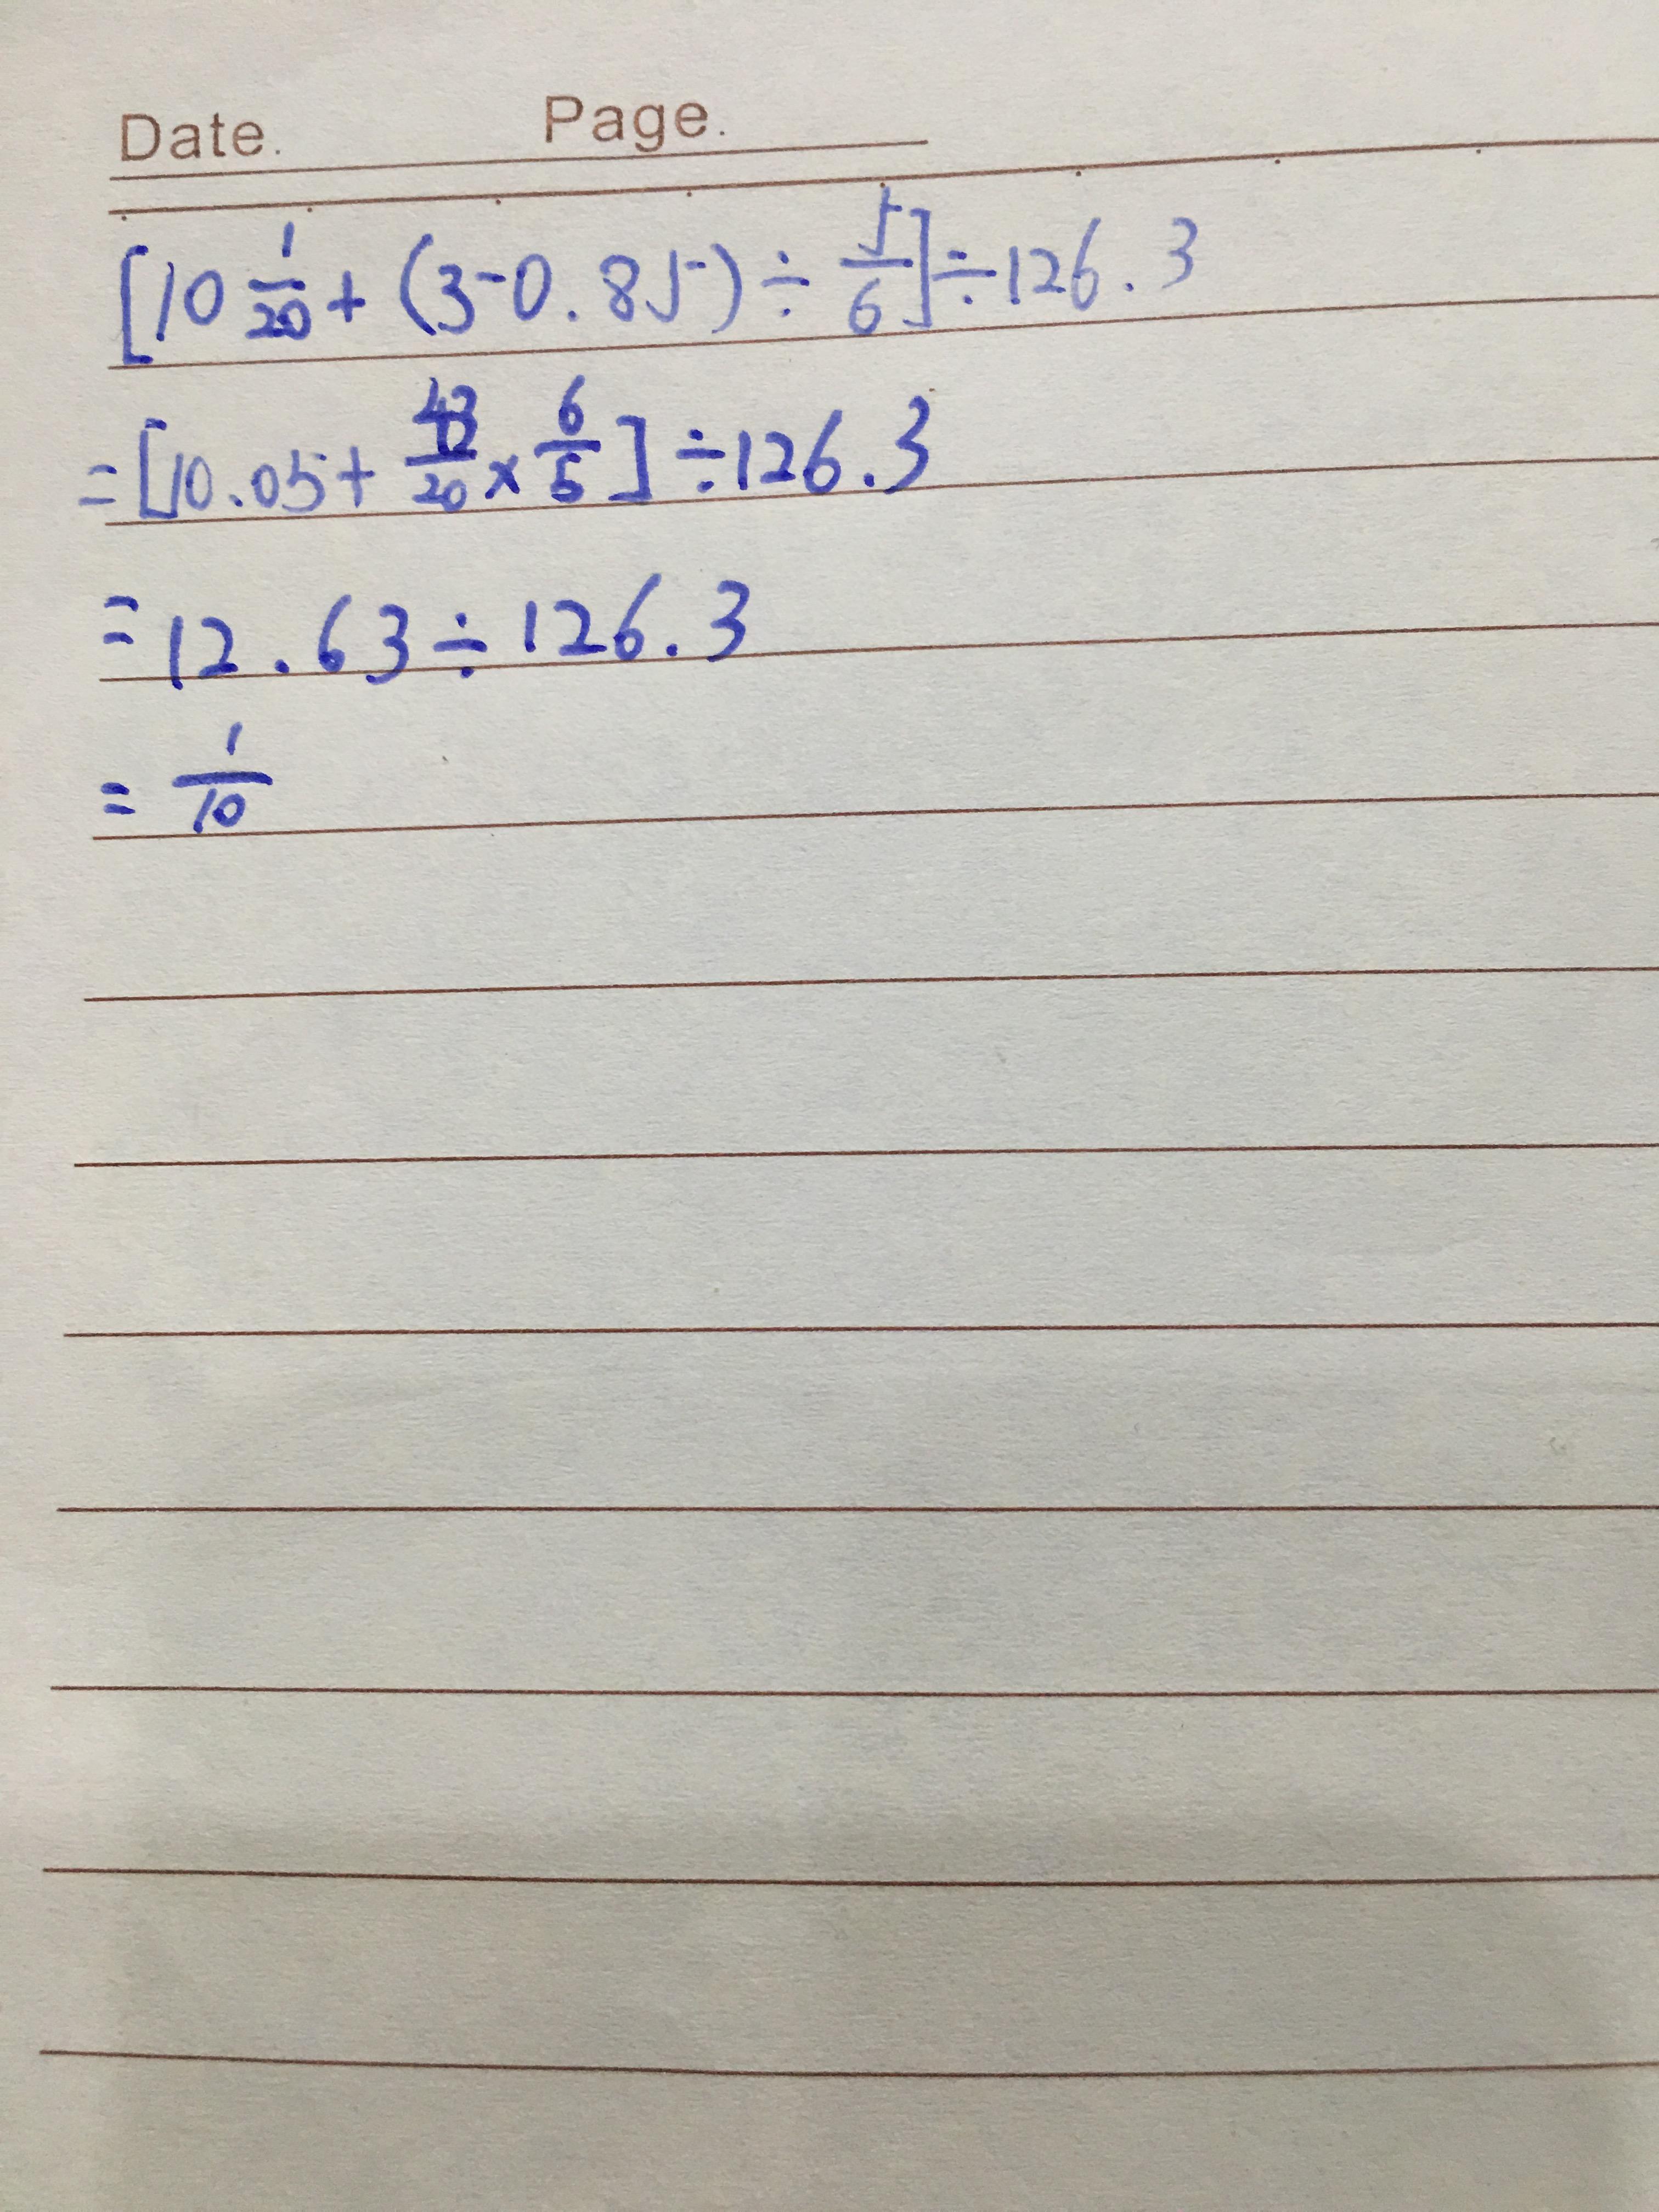 003D30F0-A00F-4A12-B551-174B784C49D5.jpg